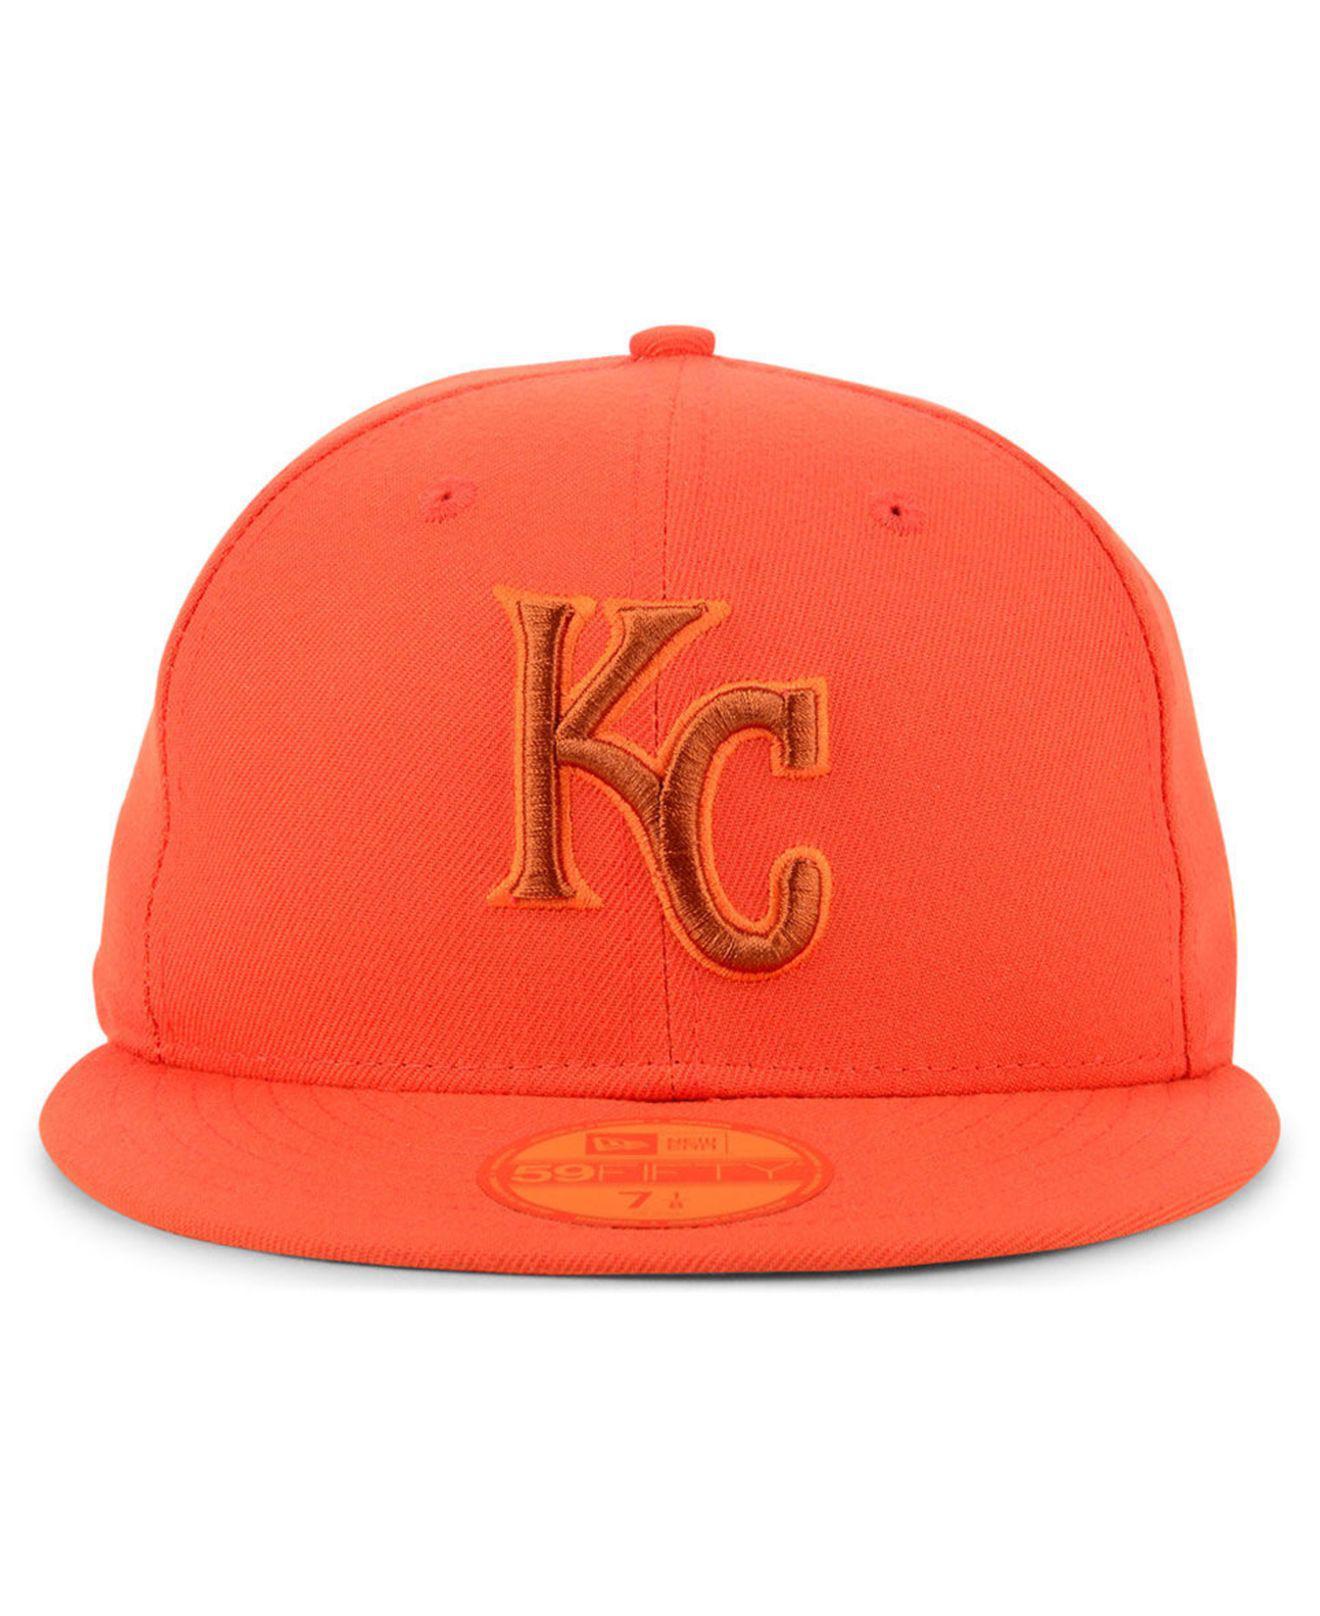 Lyst - Ktz Kansas City Royals Prism Color Pack 59fifty Fitted Cap in Orange  for Men de5e431e8102